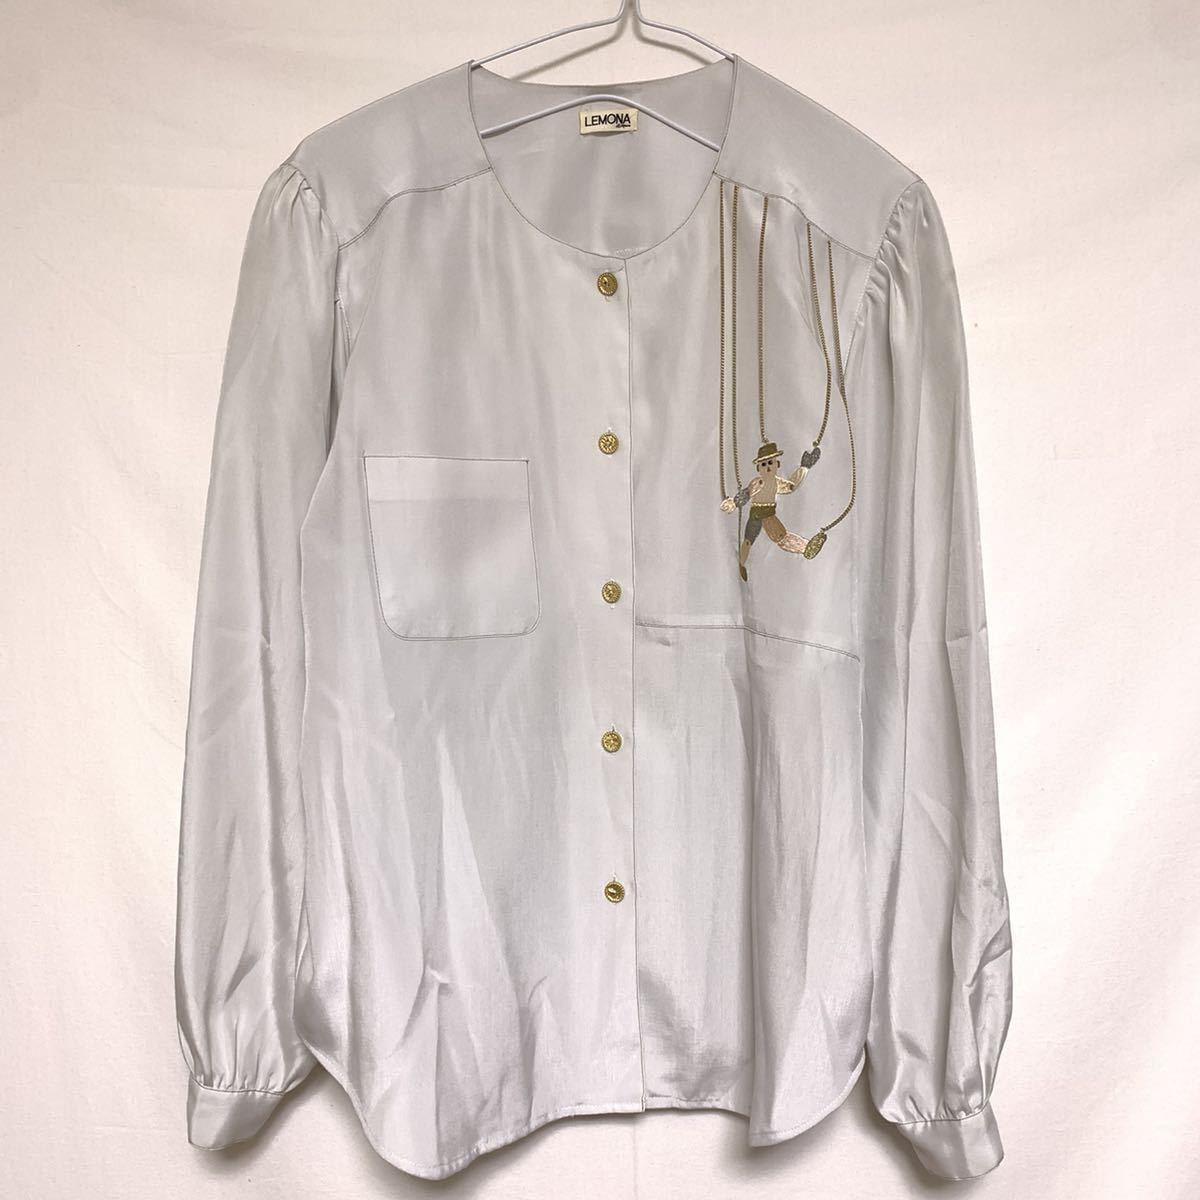 長袖 シャツ ブラウス ノーカラー シンプル 刺繍 チェーン 水色 アリスブルー